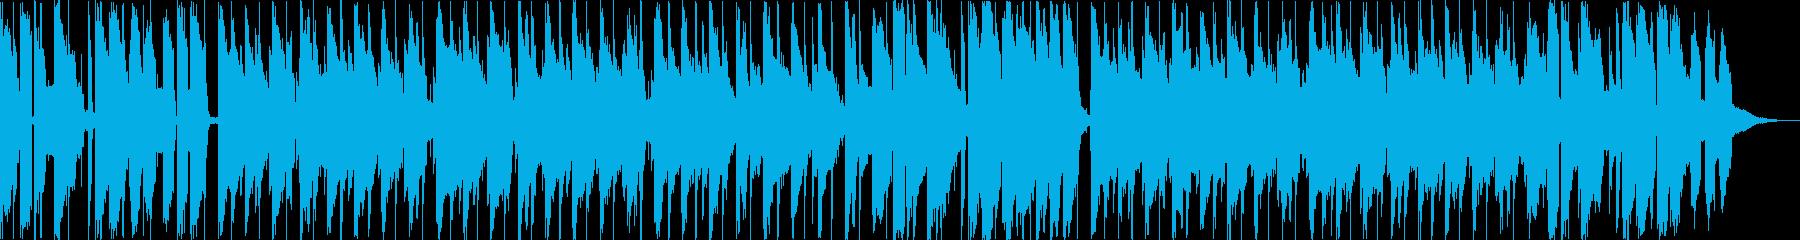 波の音と切ないレトロなピアノのlofiの再生済みの波形